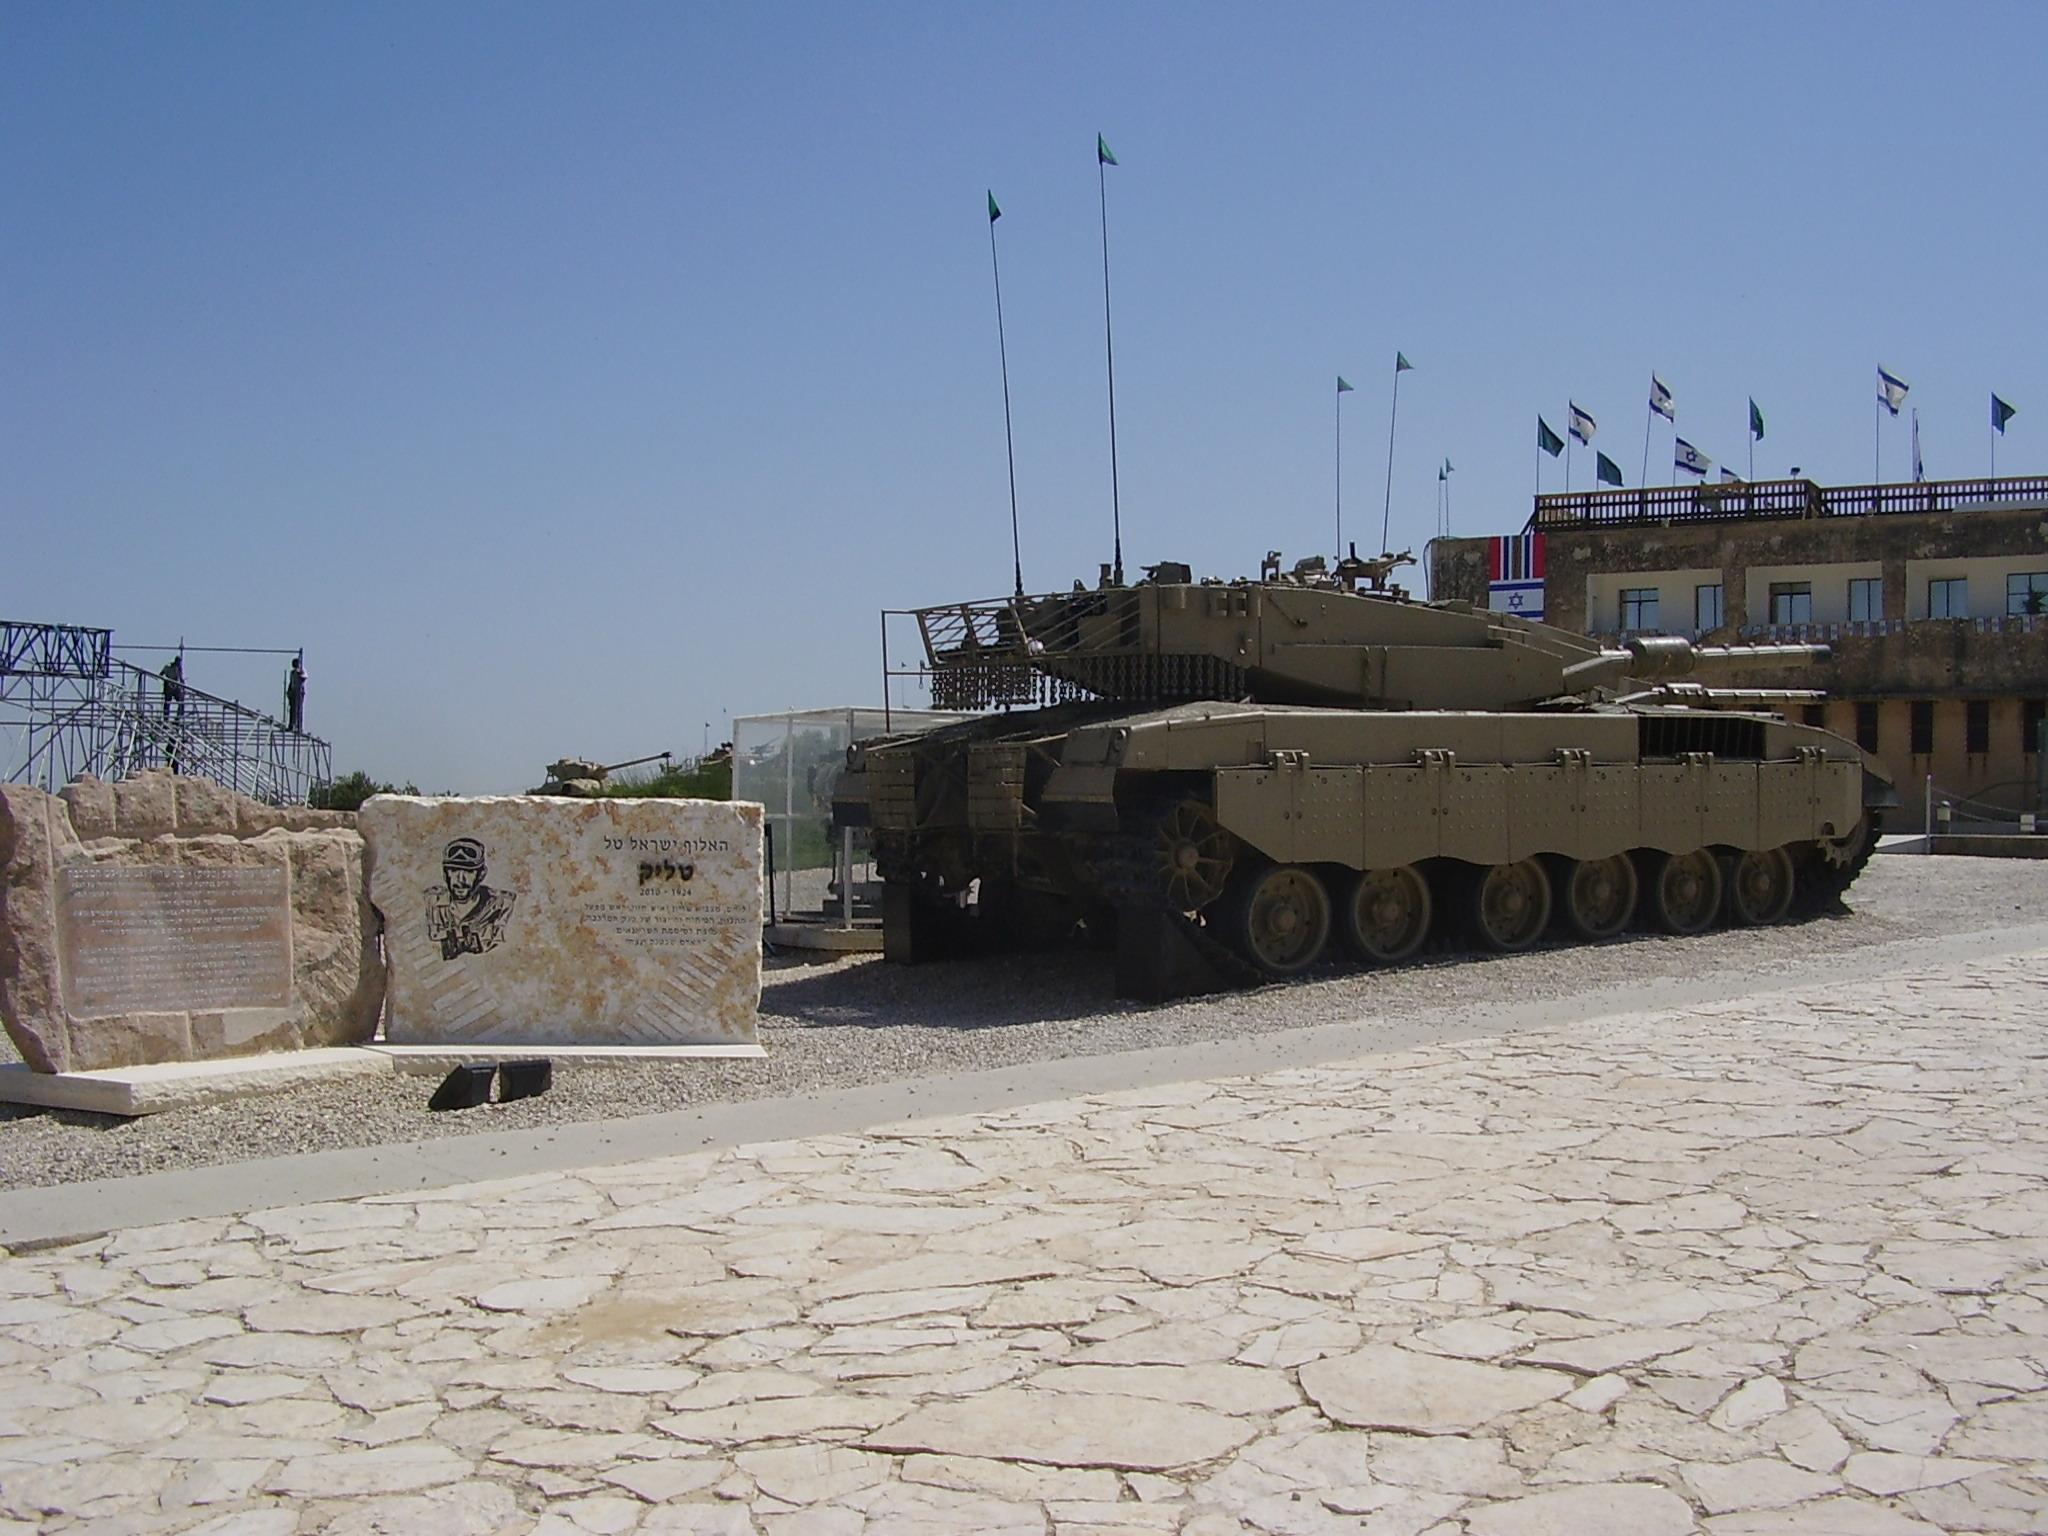 טנק מרכבה ומיצב לאלוף ישראל טל (טליק) במוזיאון יד